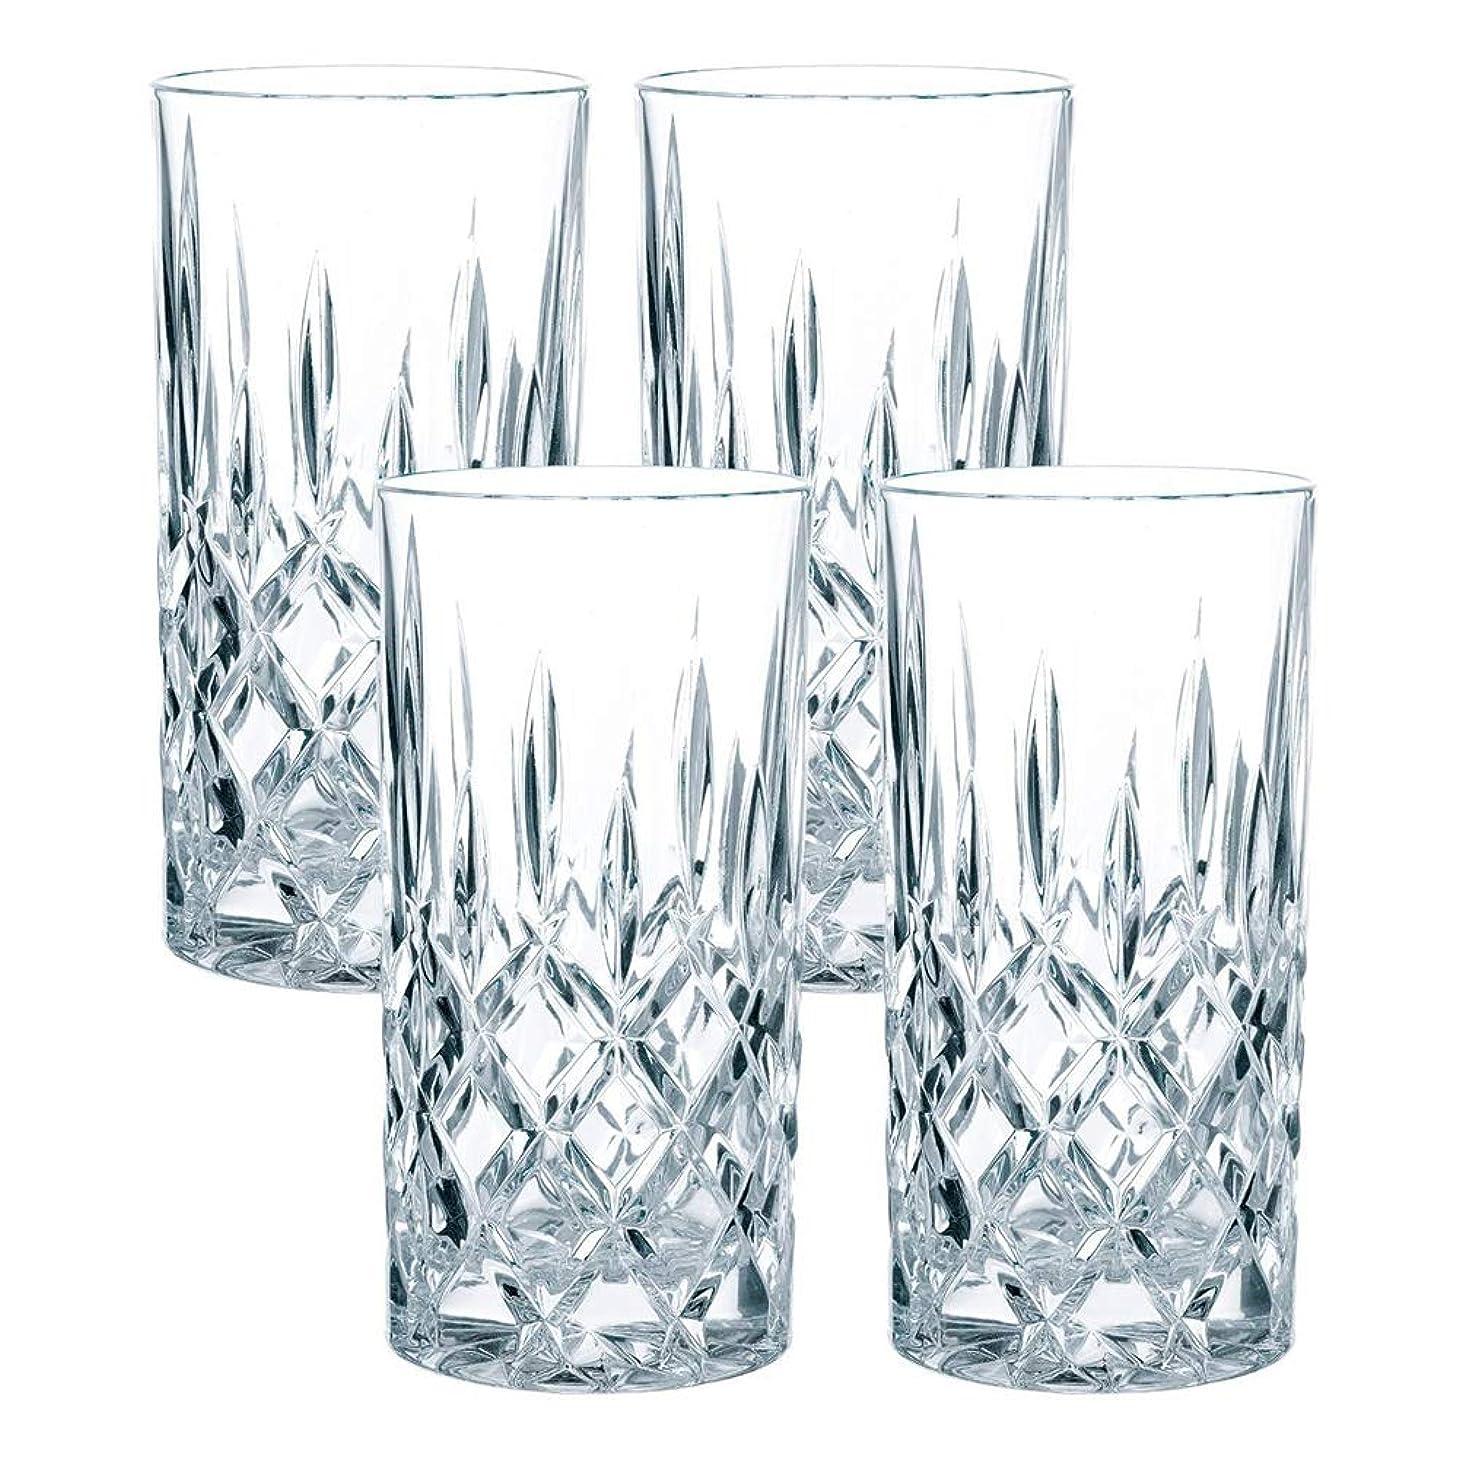 性的高架抵抗するナハトマン(Nachtmann) ノブレス ロングドリンクグラス クリスタルガラス 148mm/375ml 89208 4個入